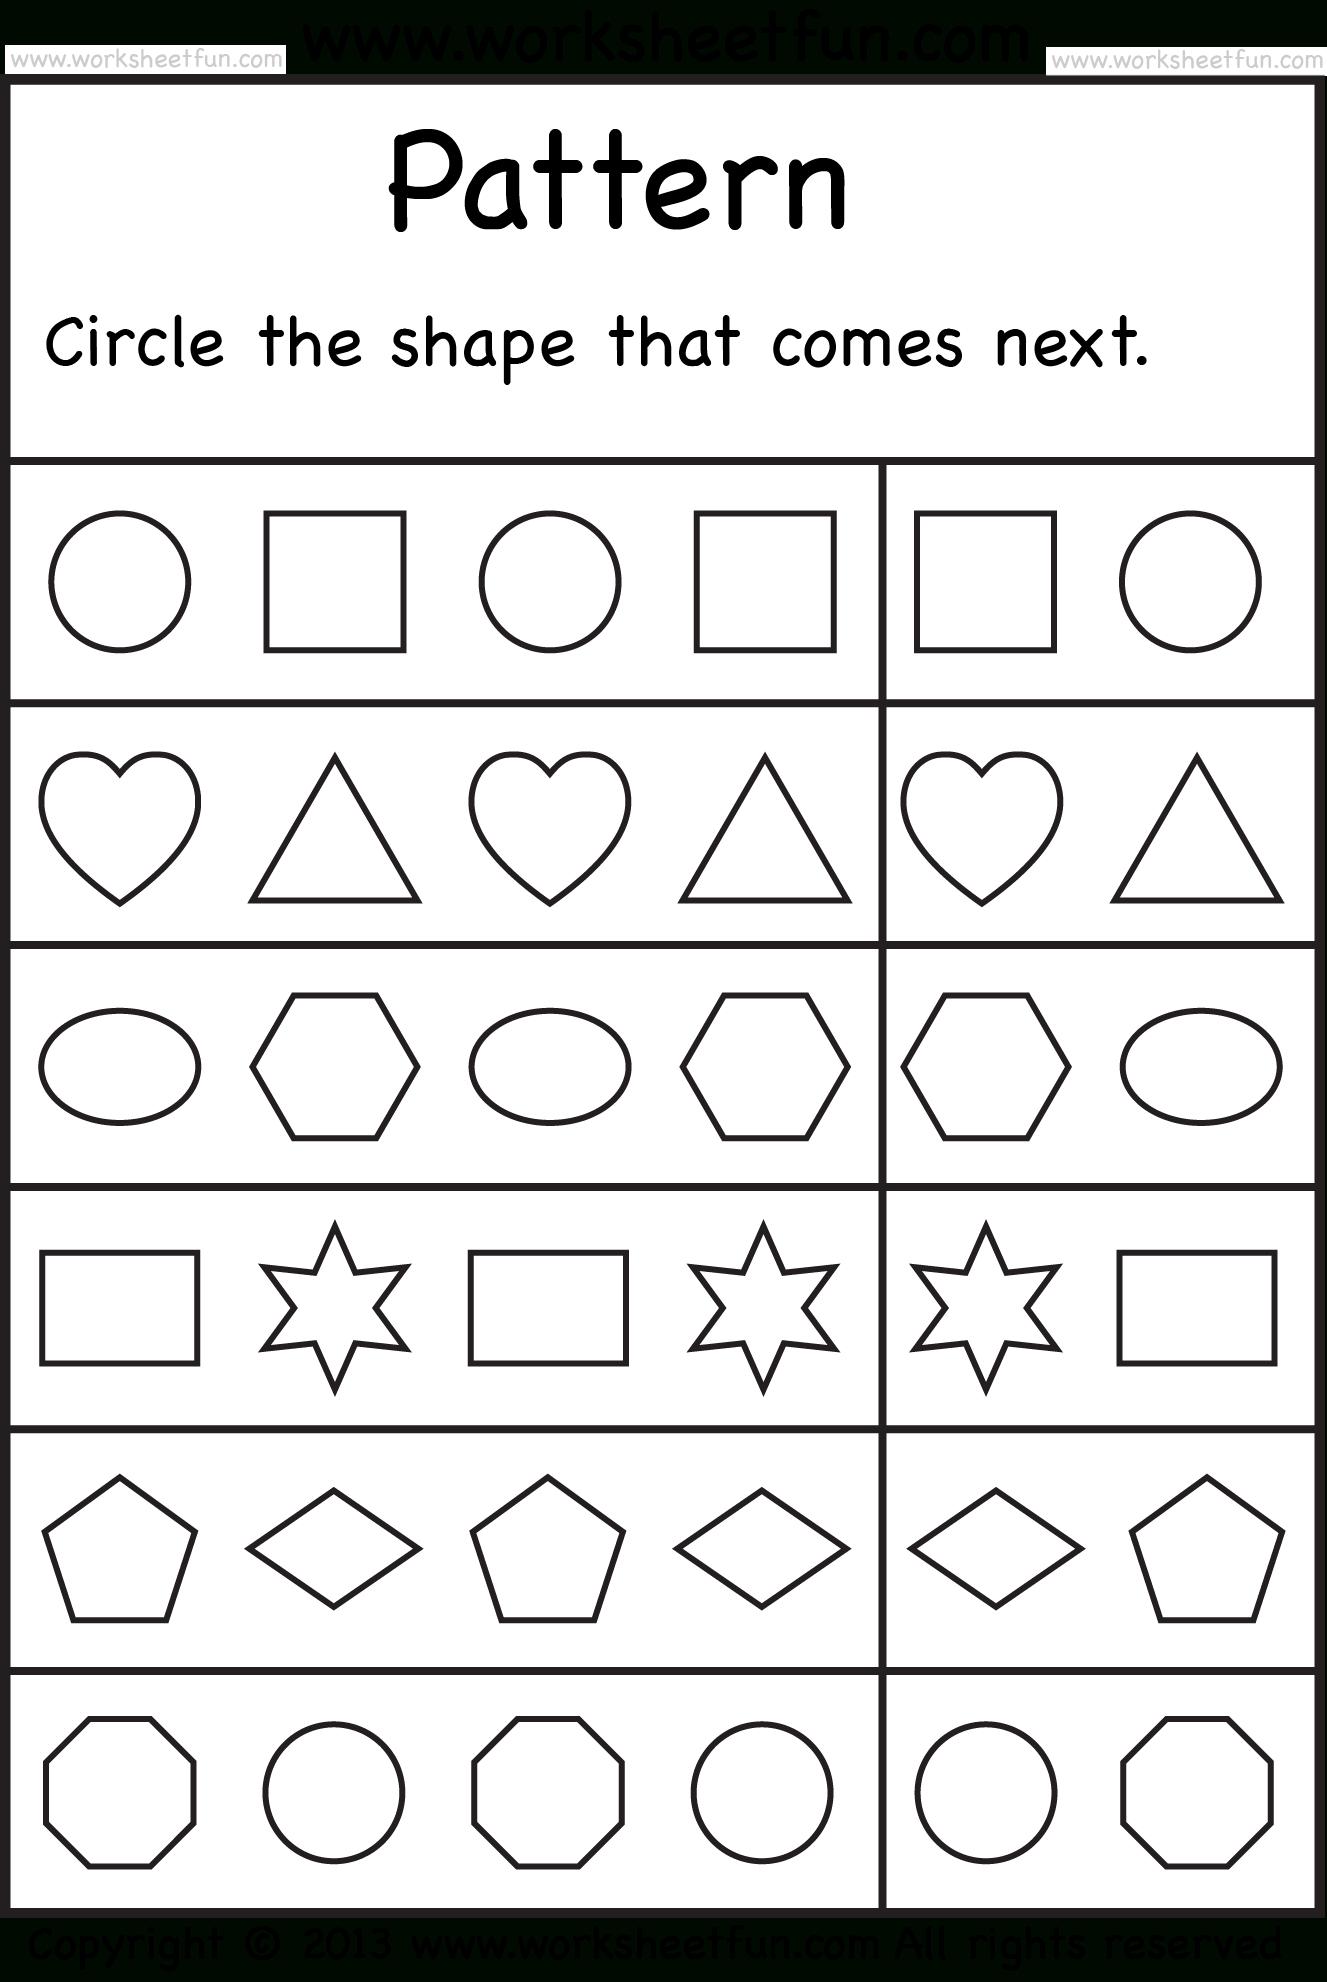 Free Printable Worksheets – Worksheetfun / Free Printable - Free Printable Worksheets For Children